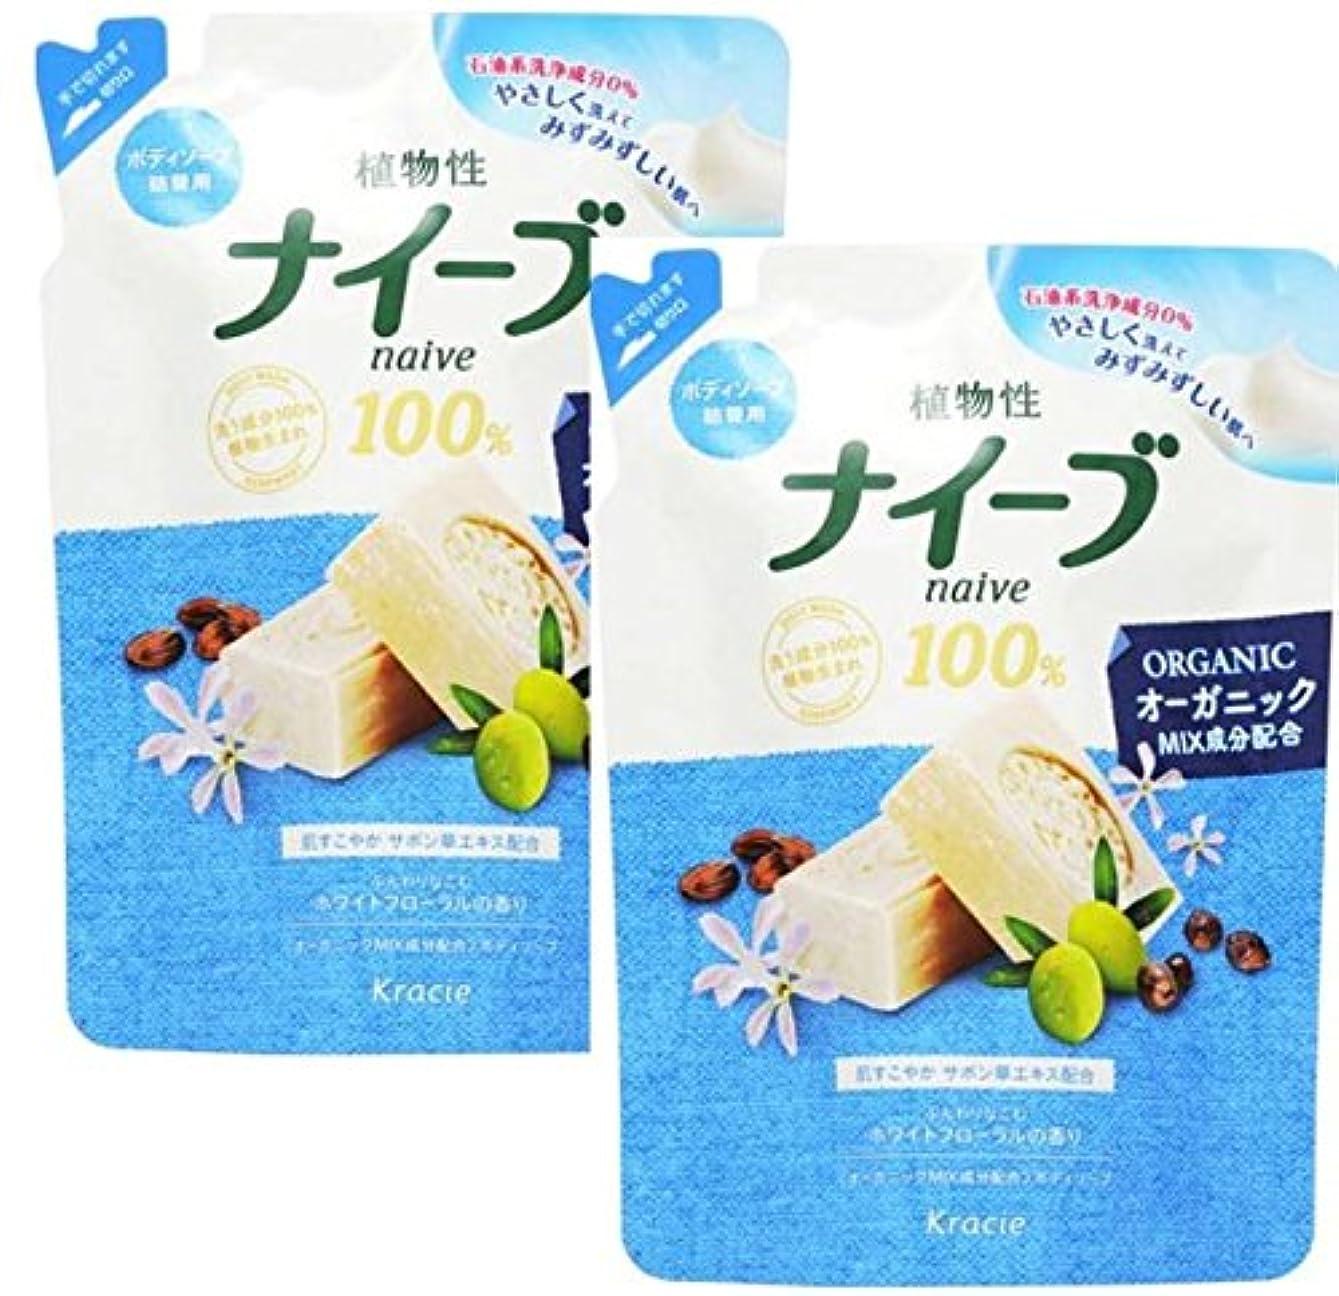 逸脱減らす剥離ナイーブ ボディソープ サボン草エキス配合 詰替用 400ml / ホワイトフローラルの香り 【2点セット】